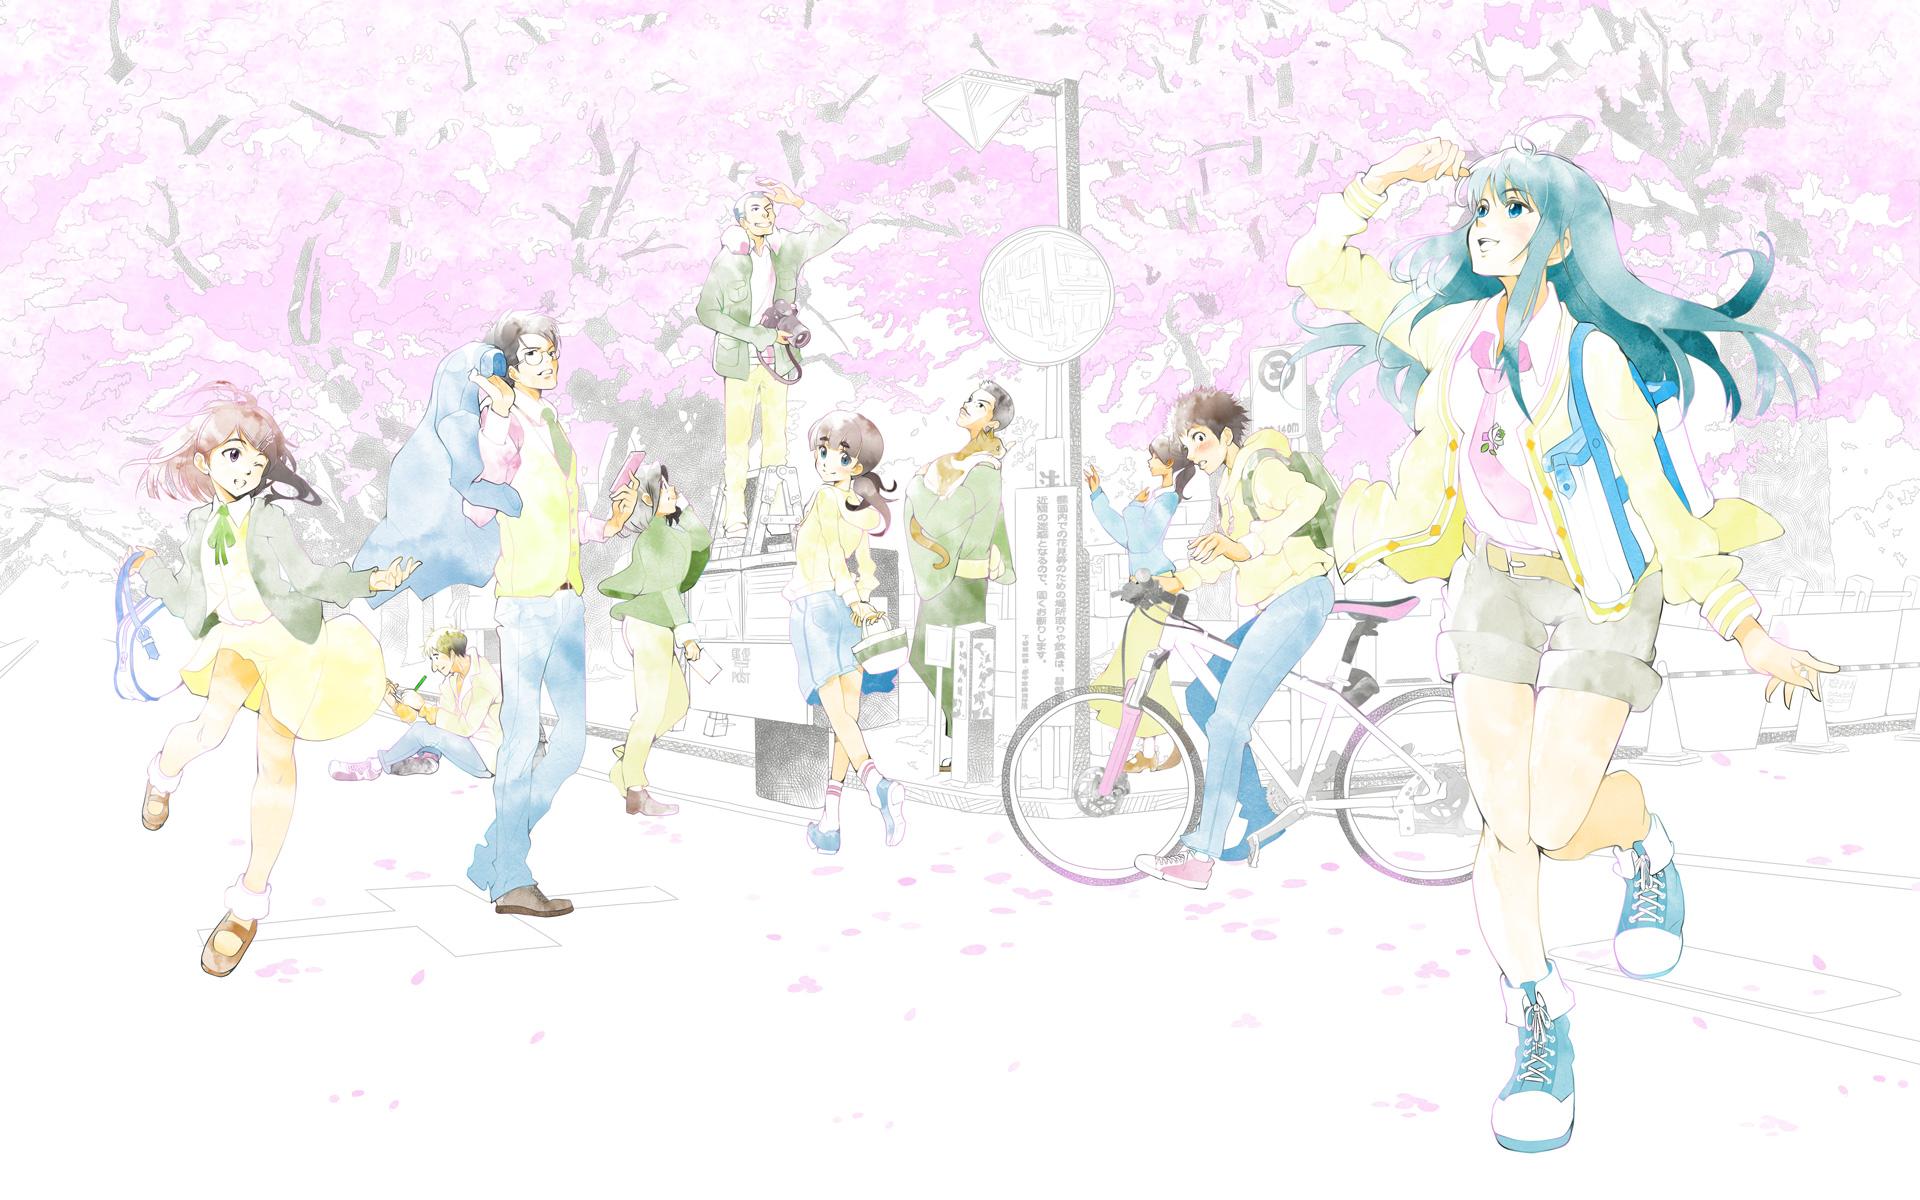 夏目漱石 三四郎 壁紙ダウンロード 朝日新聞デジタル